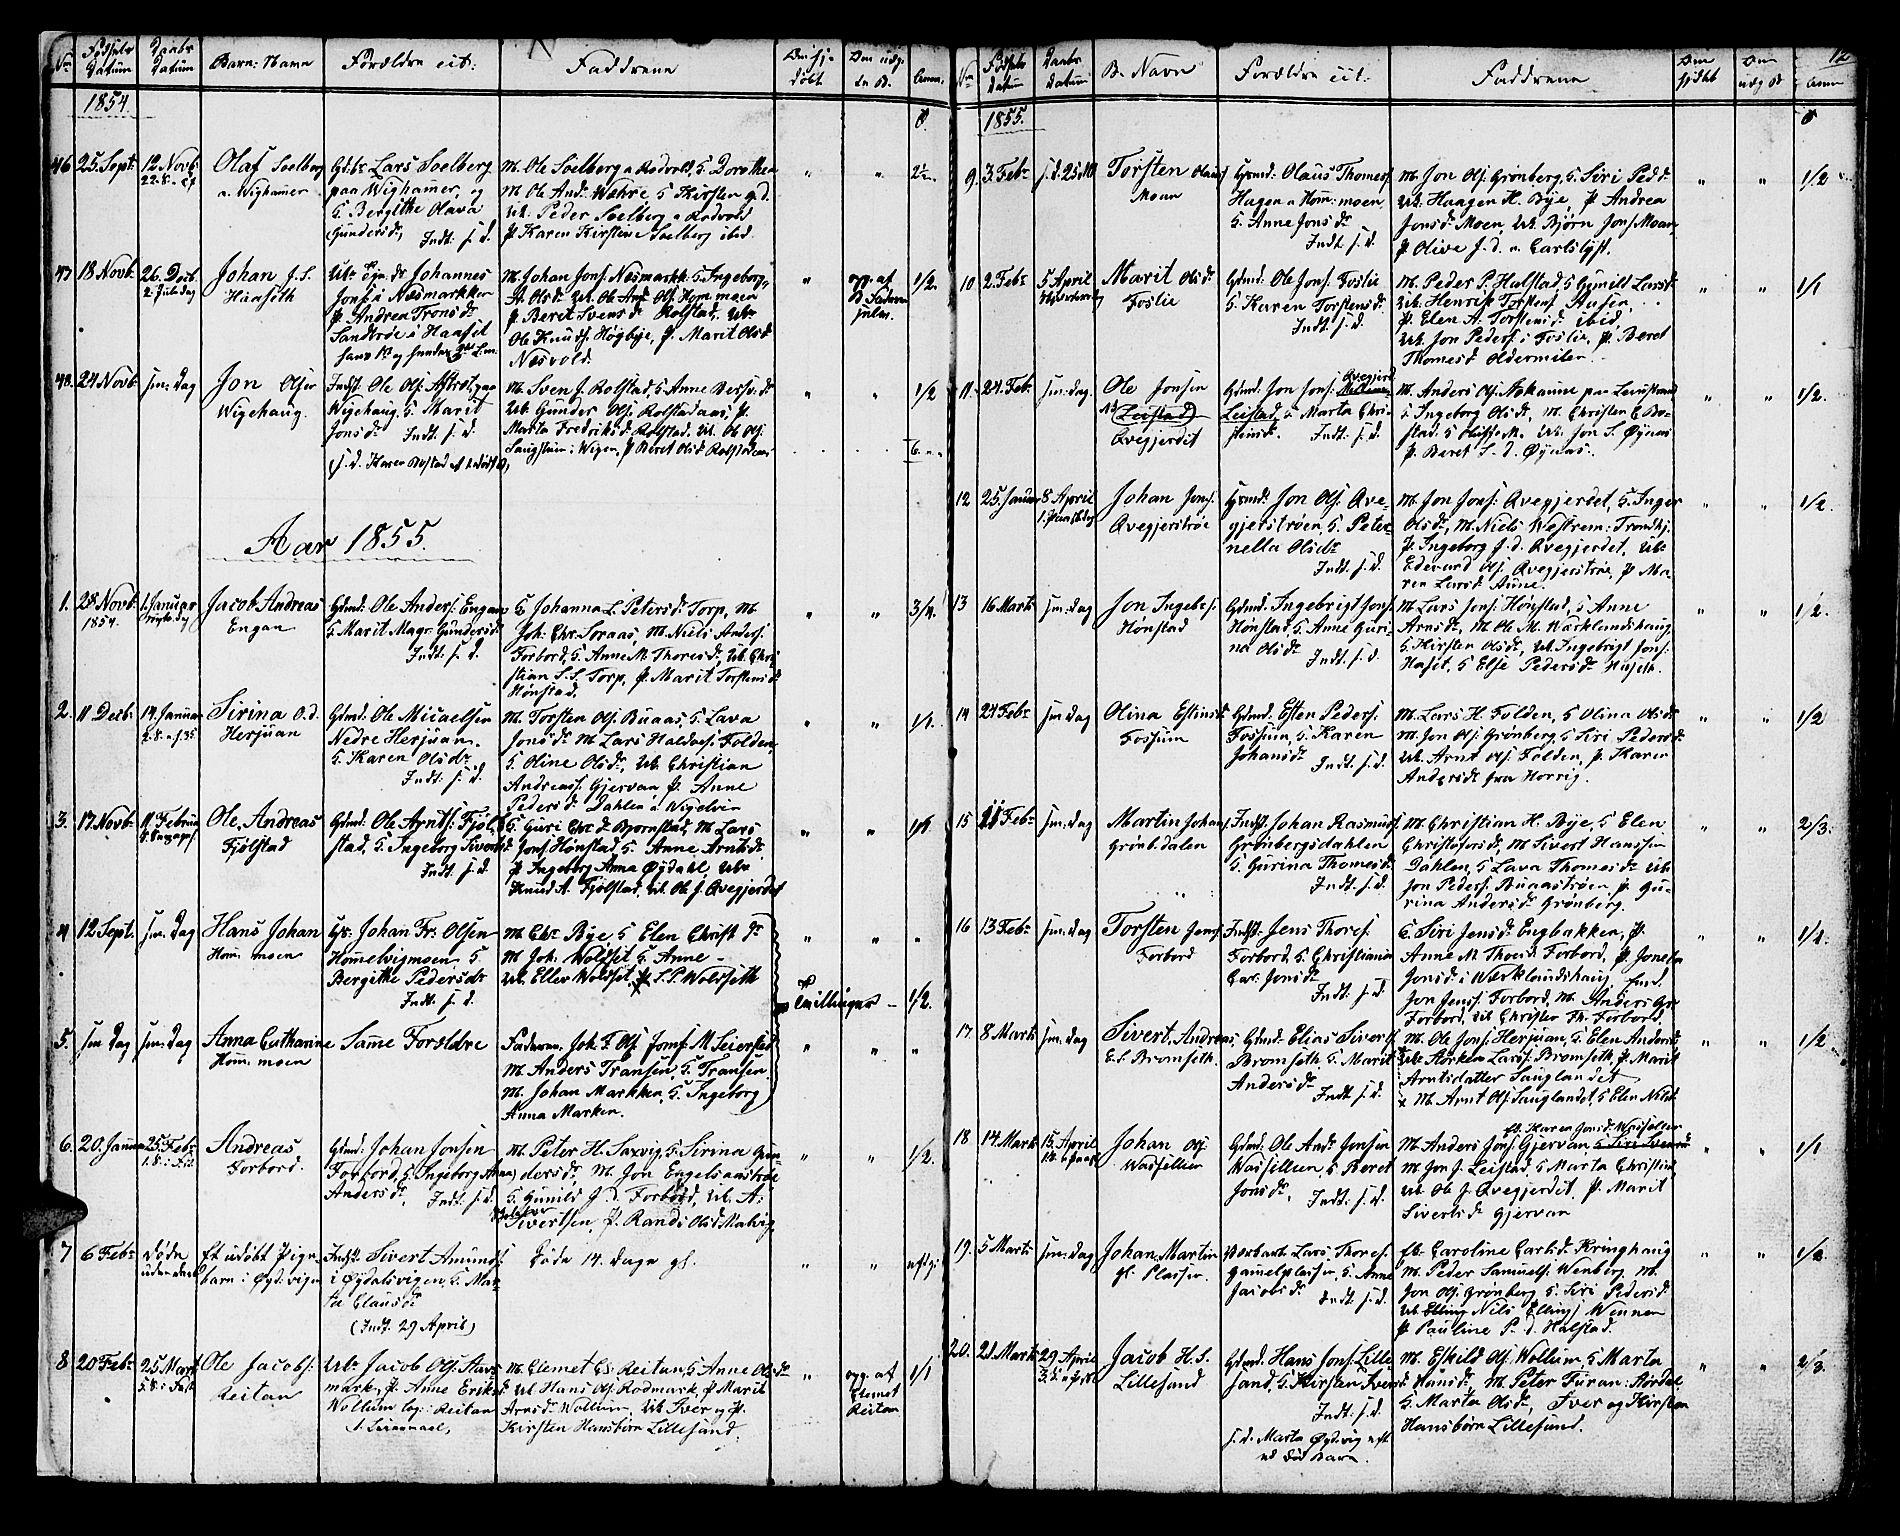 SAT, Ministerialprotokoller, klokkerbøker og fødselsregistre - Sør-Trøndelag, 616/L0422: Klokkerbok nr. 616C05, 1850-1888, s. 12